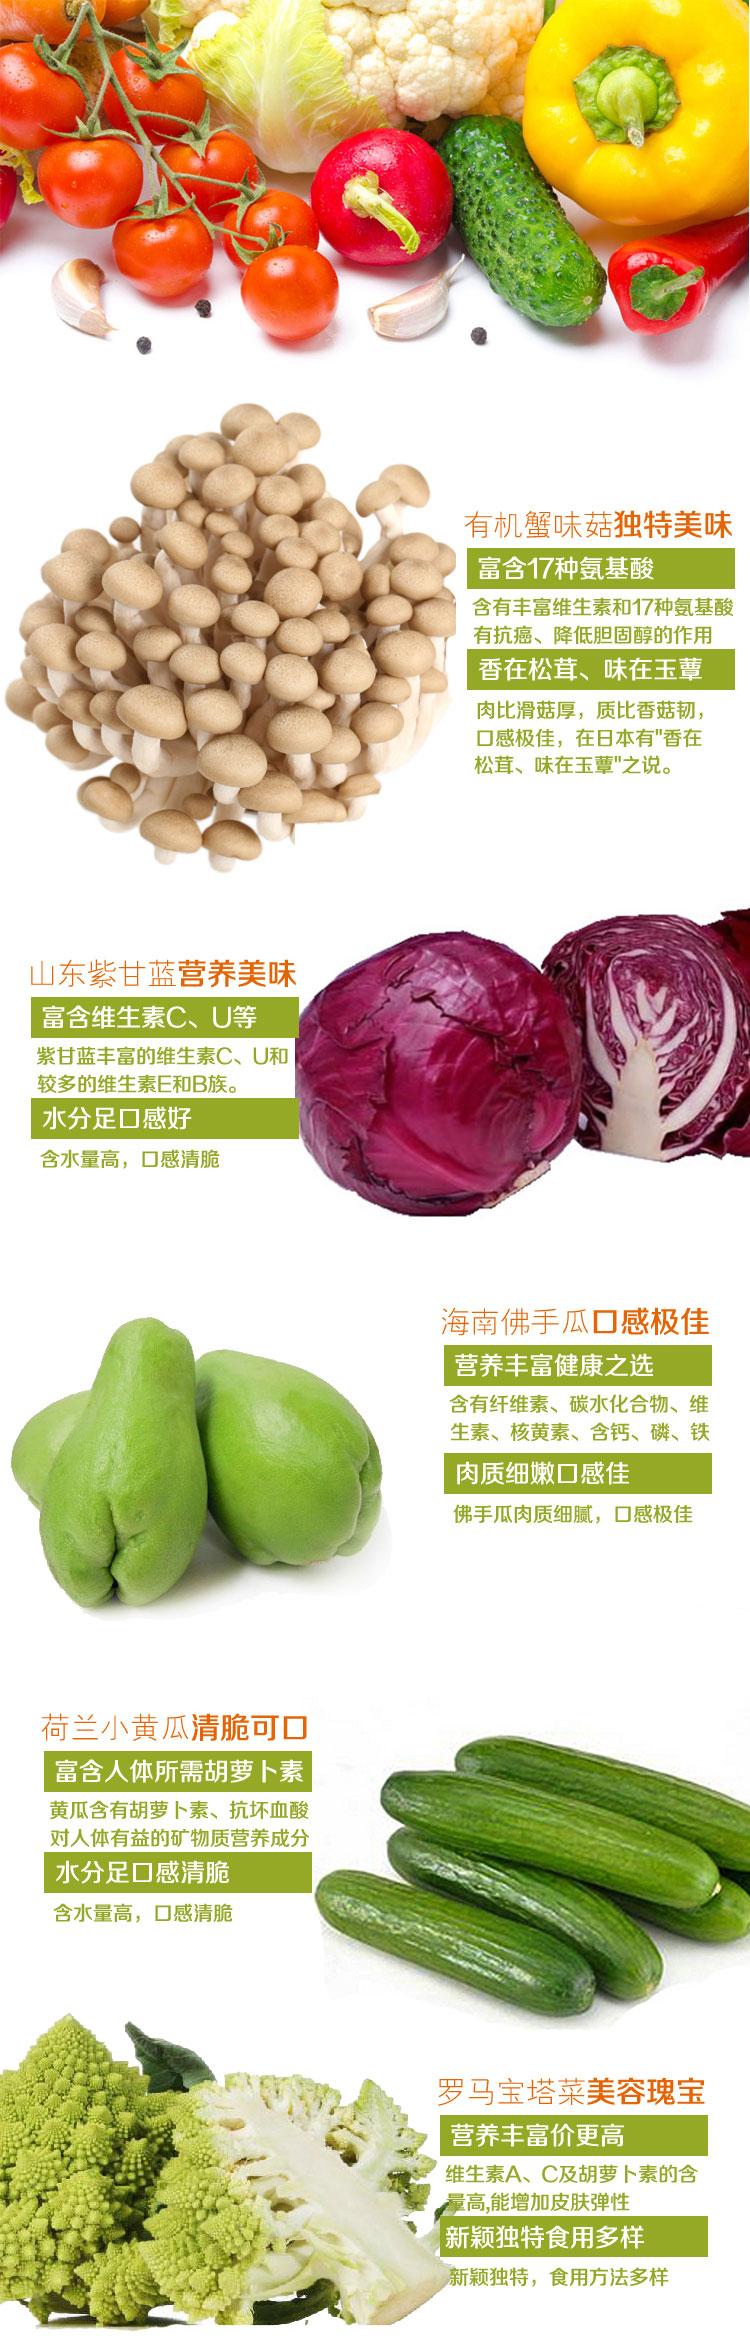 蔬菜2副本_01